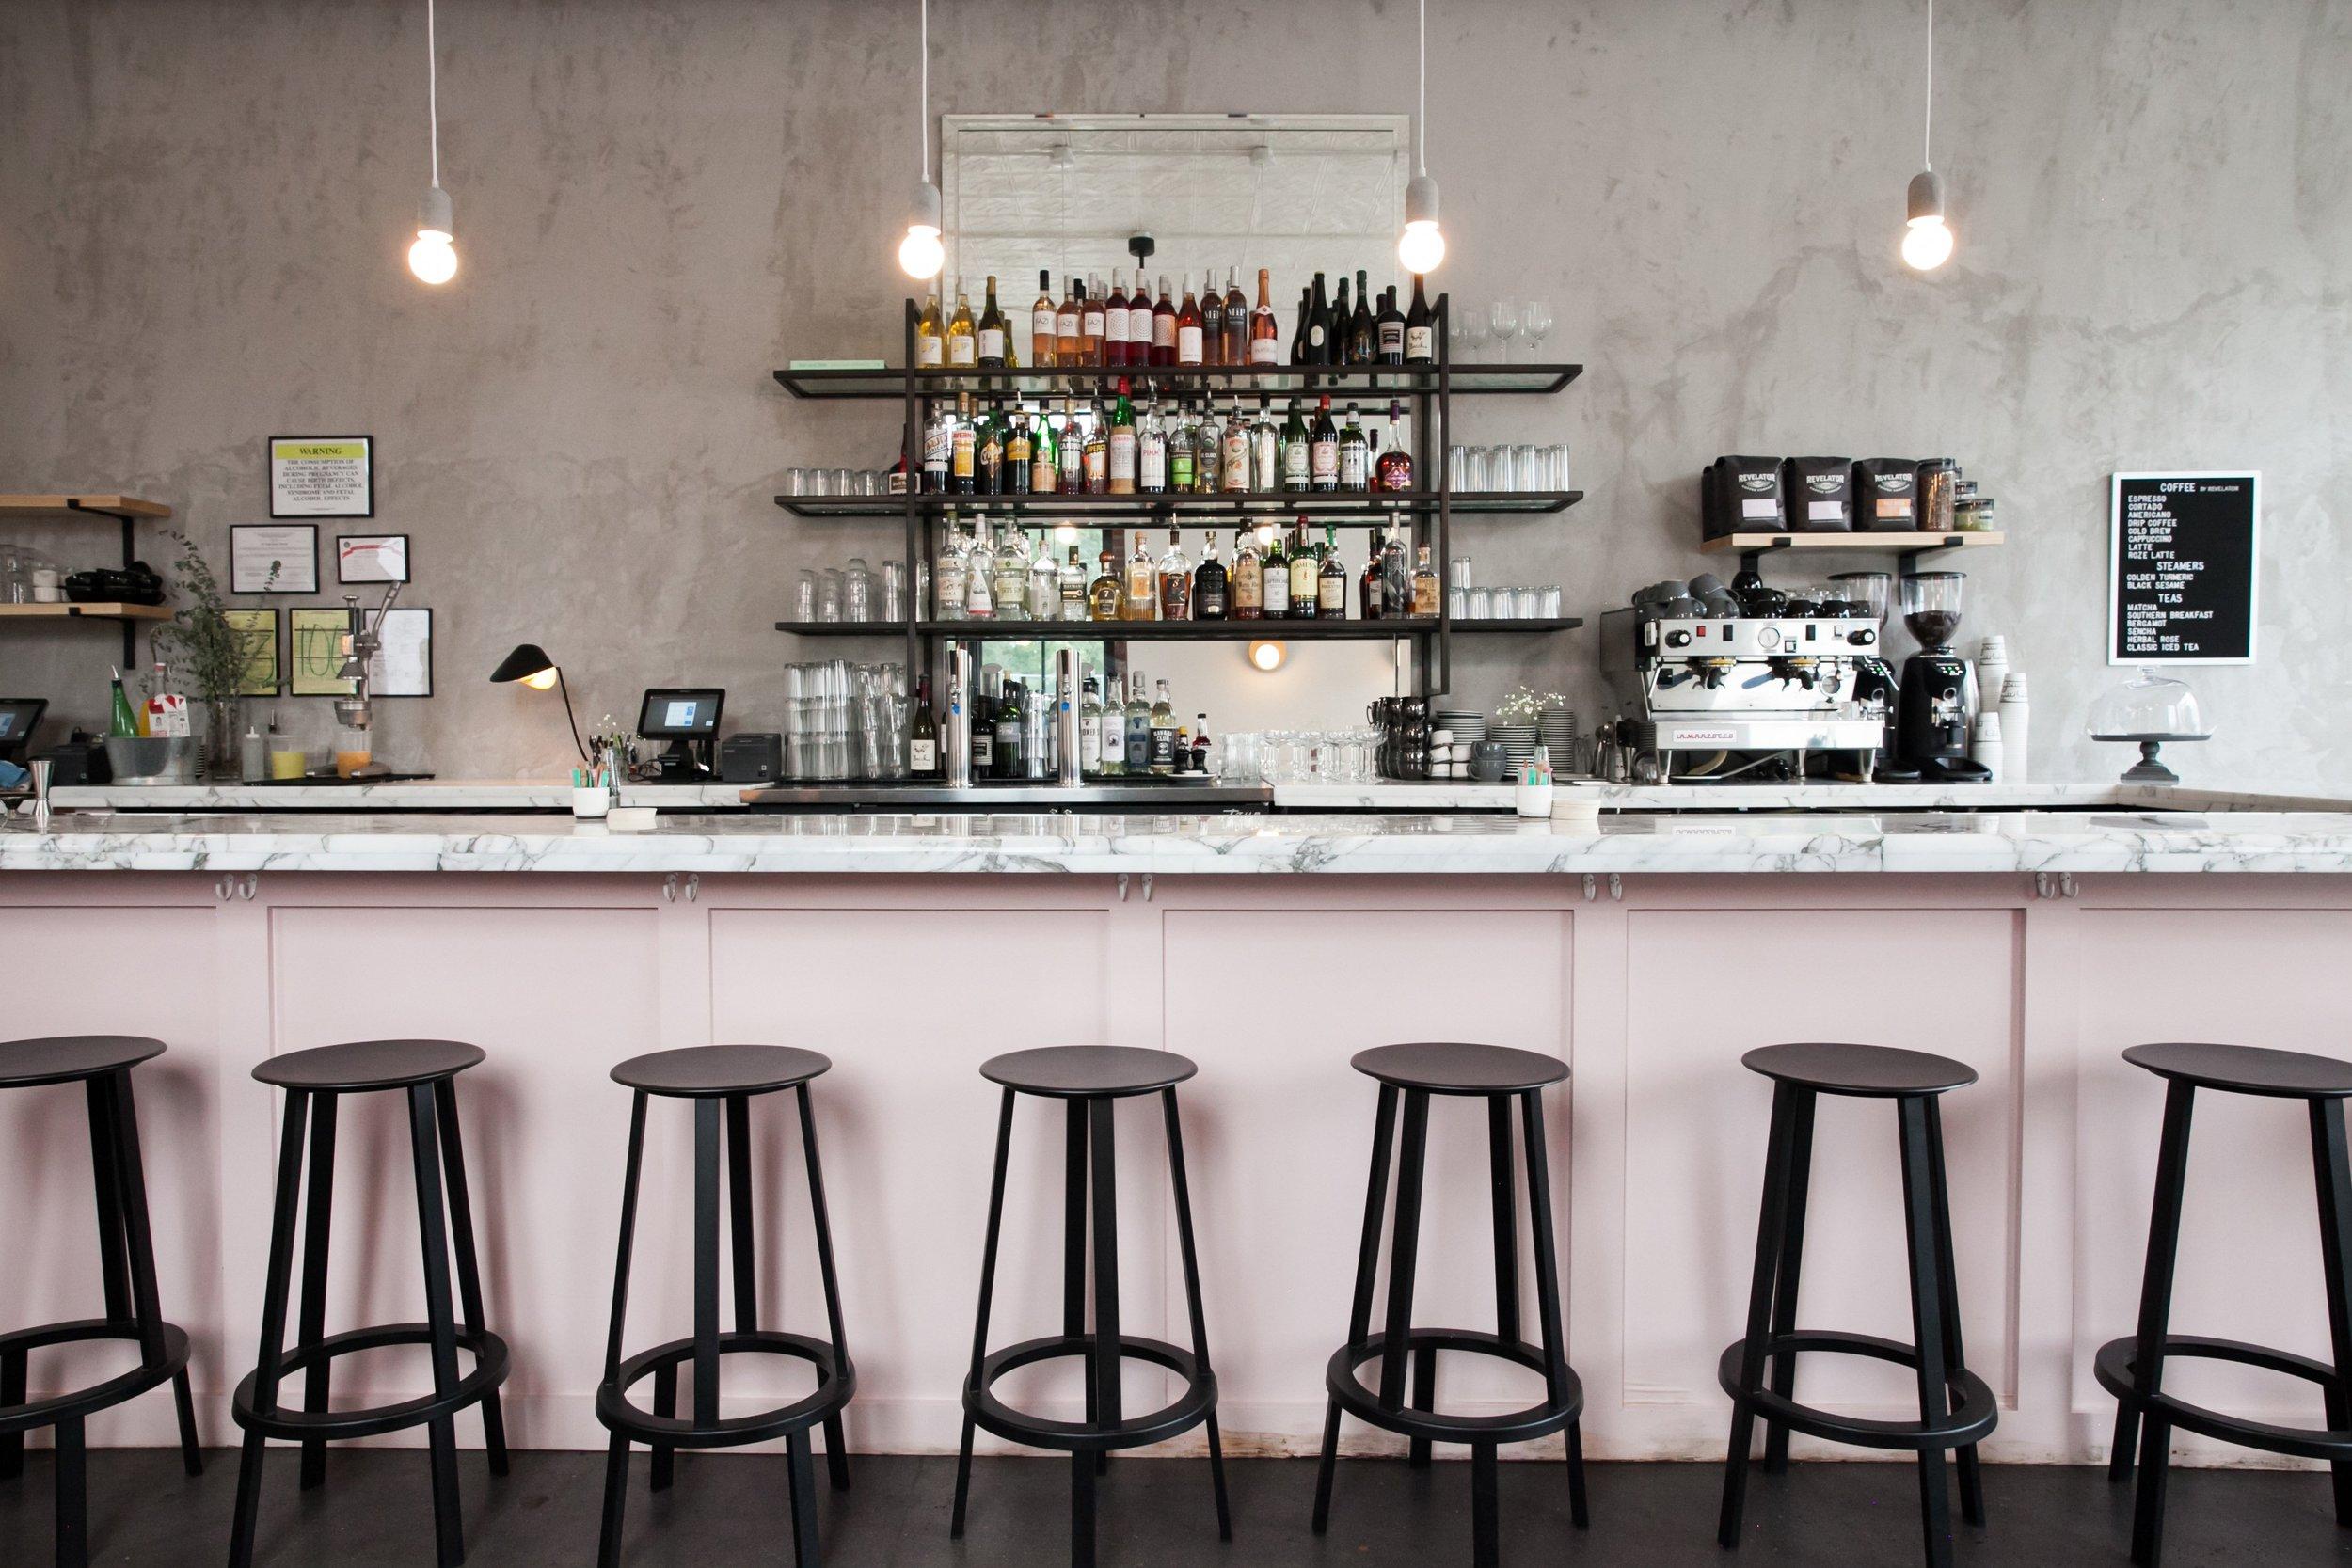 Local's Guide: Best Brunch in Nashville - Cafe Roze Brunch